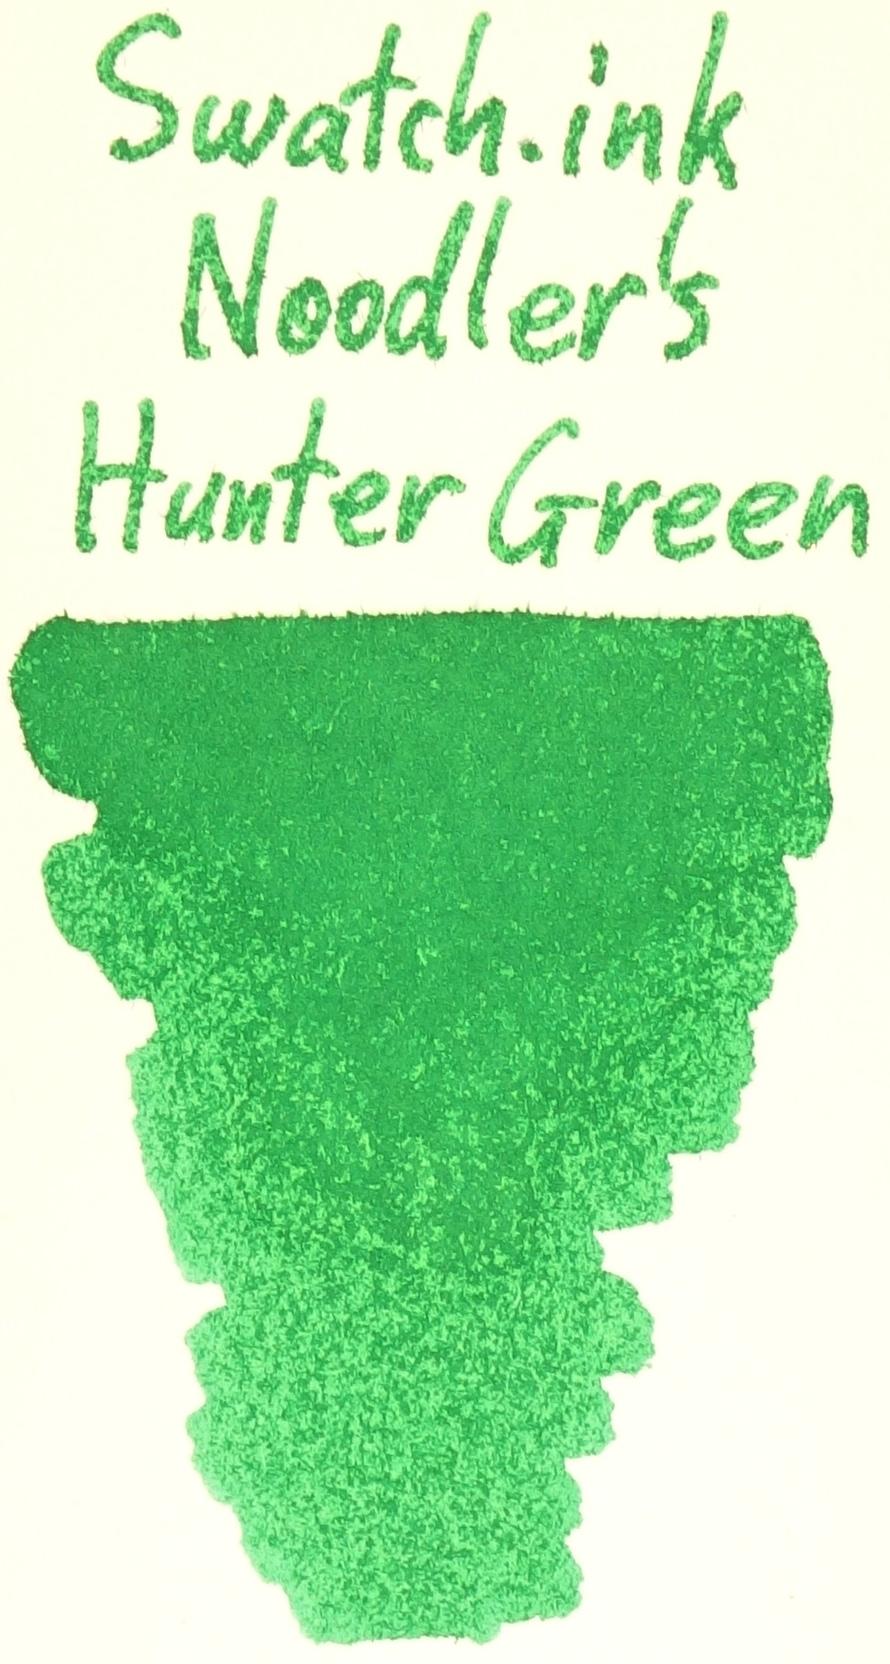 Noodler's Hunter Green Swatch.ink.JPG